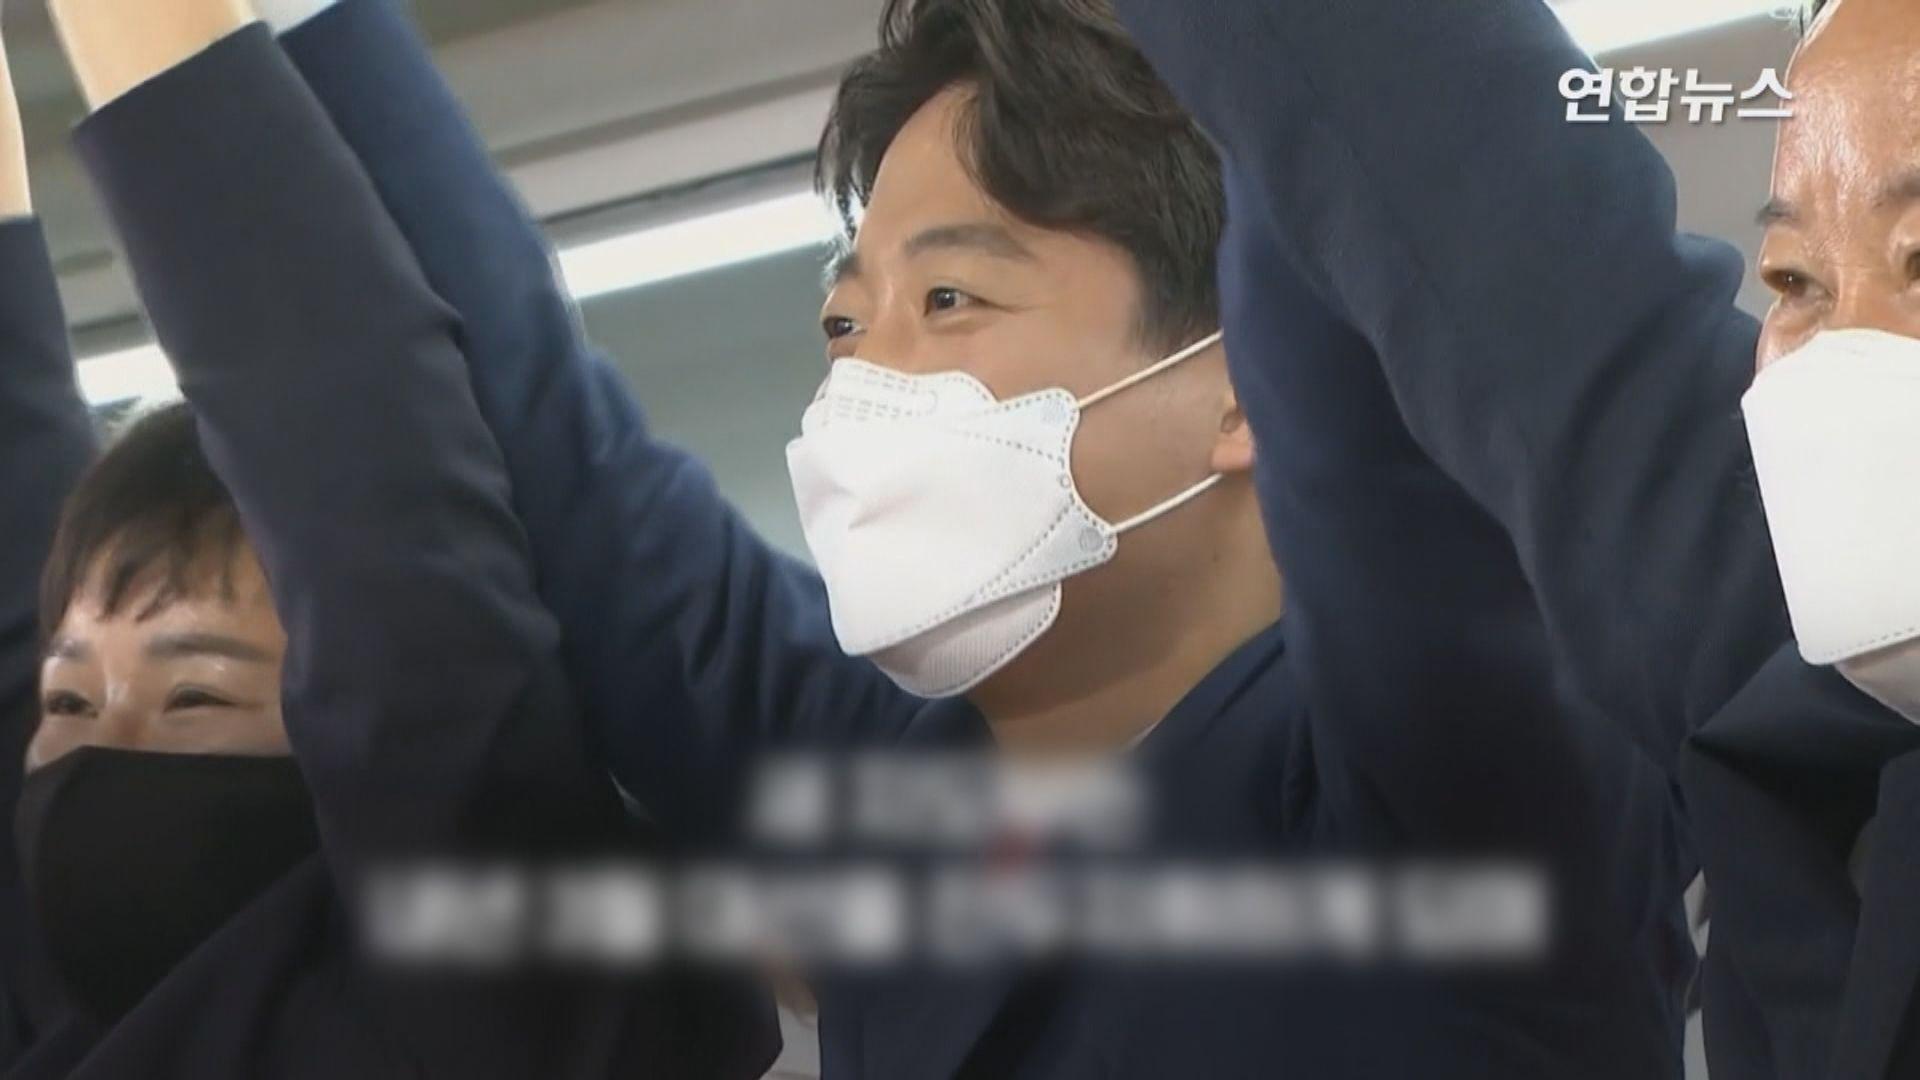 36歲李俊錫當選南韓最大在野黨魁 為南韓史上最年輕